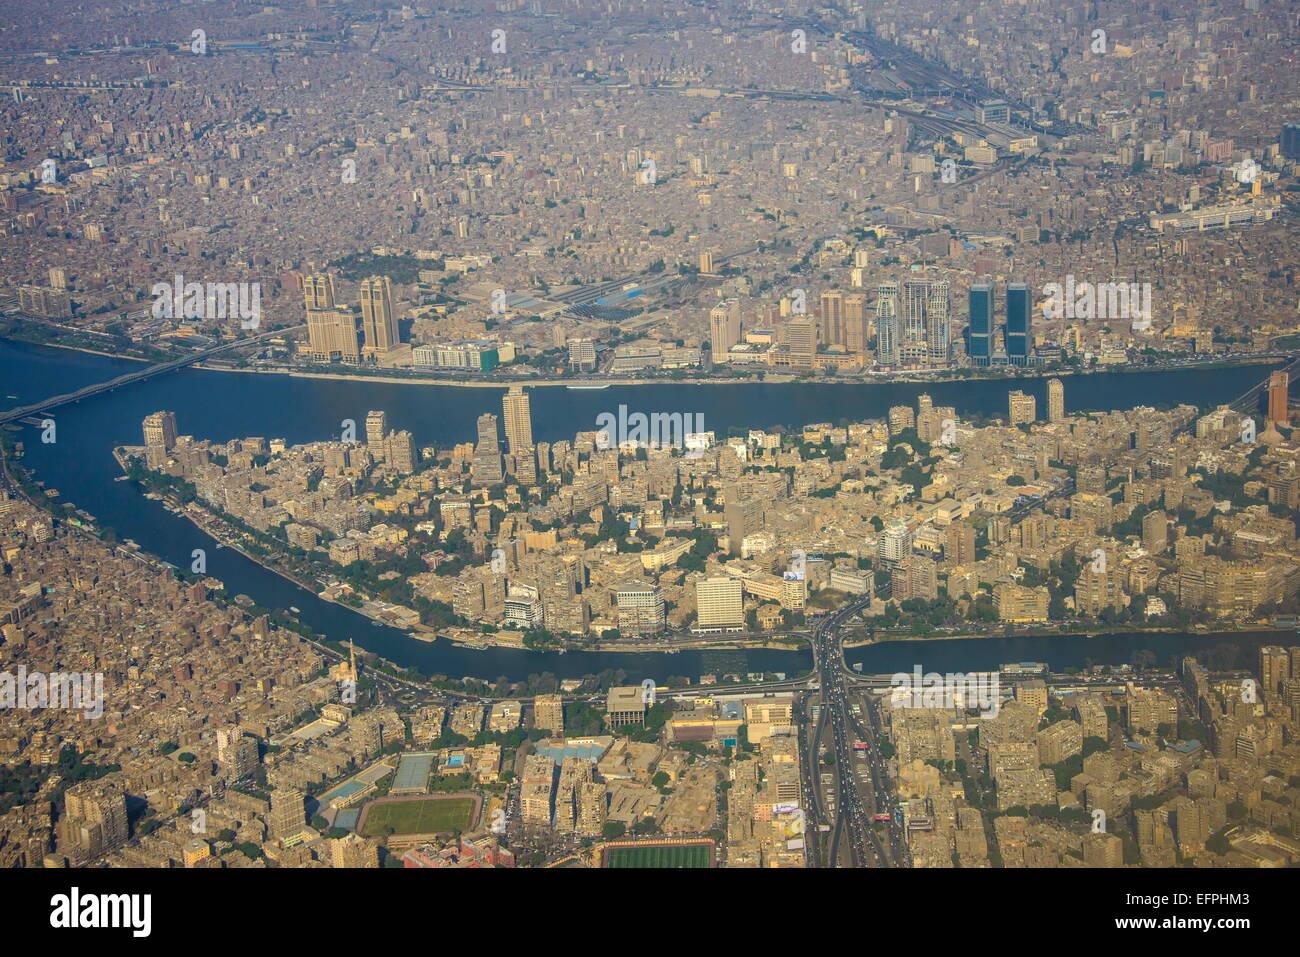 De l'antenne centre du Caire et sur le Nil, l'Egypte, l'Afrique du Nord, Afrique Photo Stock